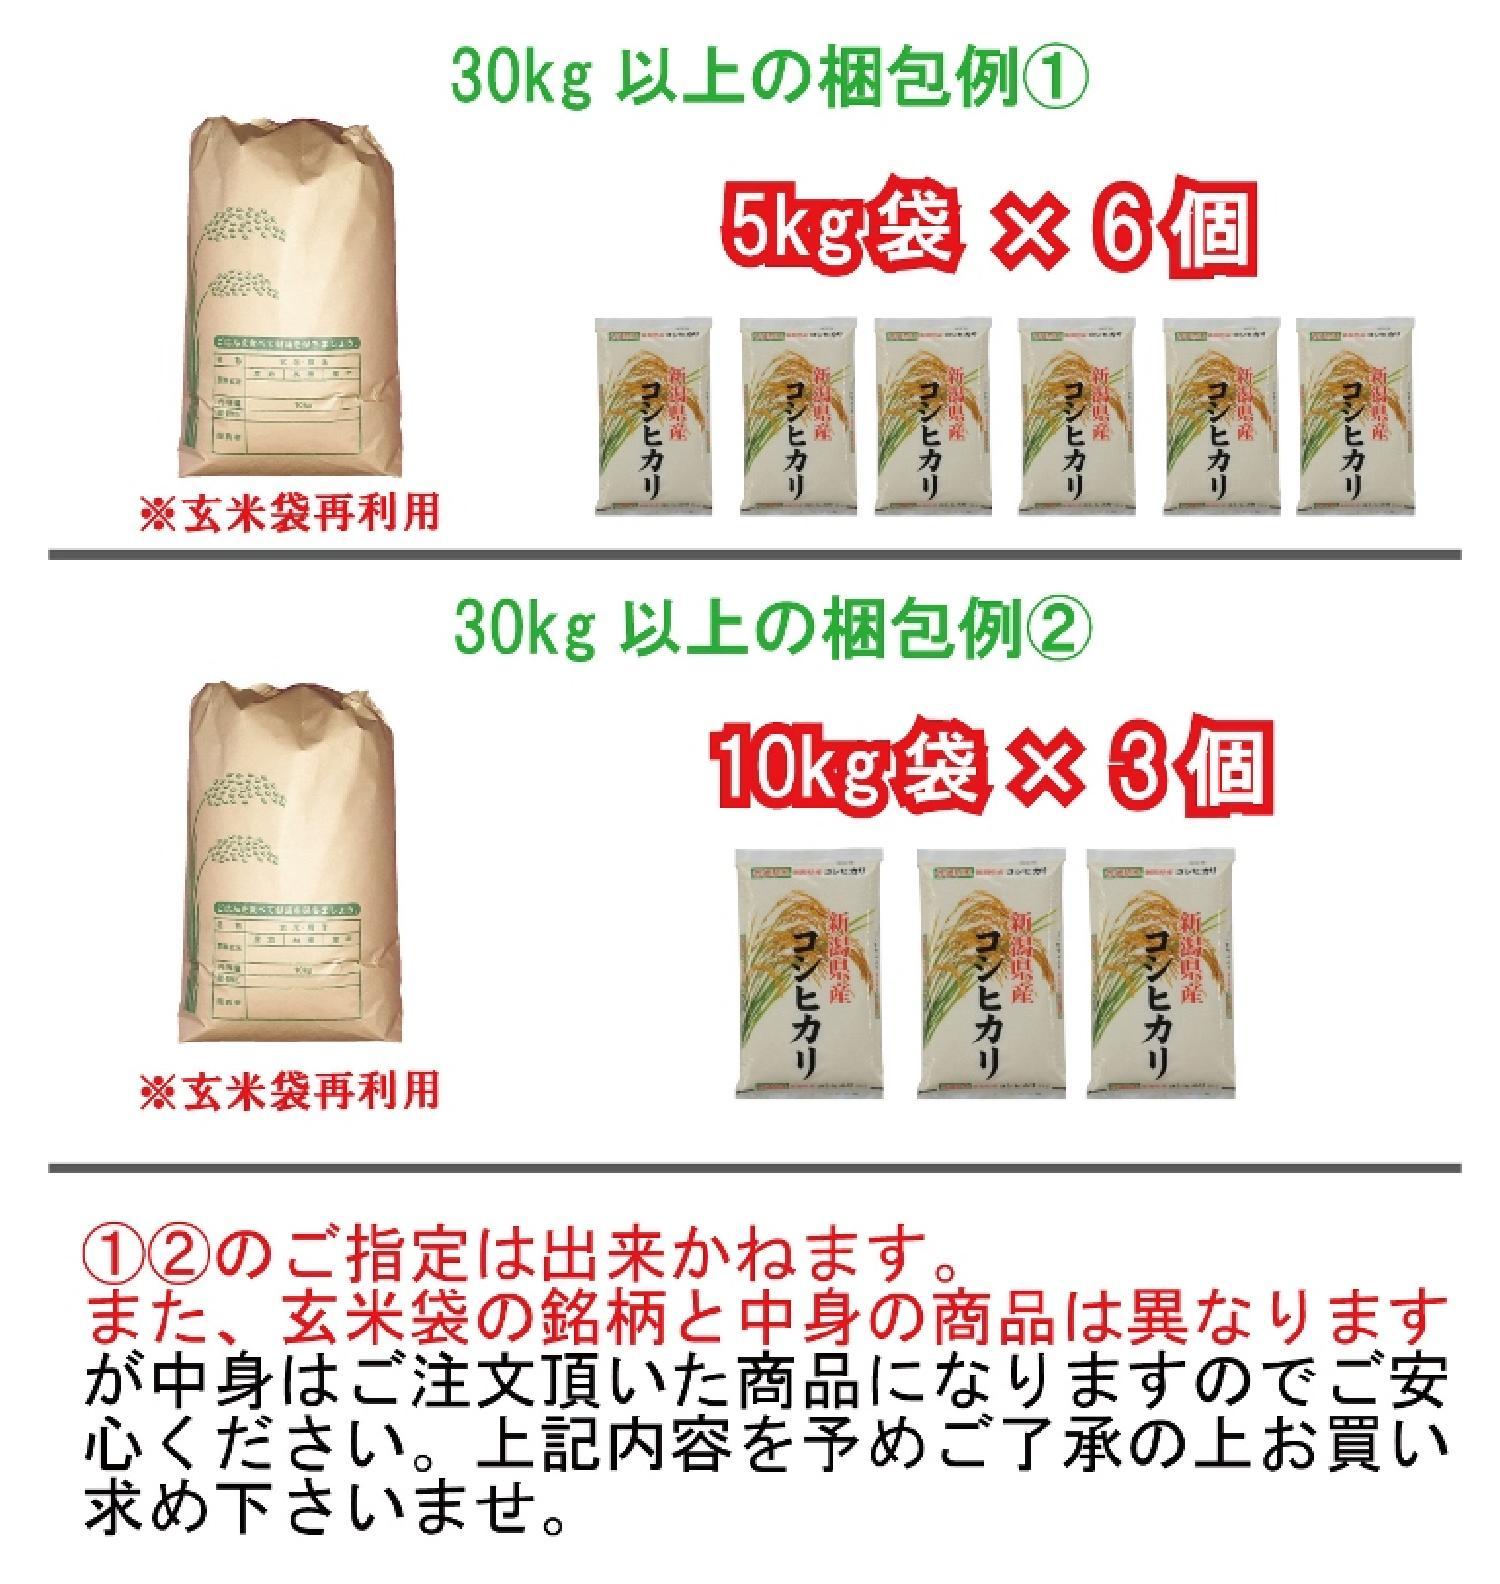 ゴールドブレンド 30kg ※5kg×6袋 [送料無料](・沖縄・離島は別途必要)普通精米_画像_